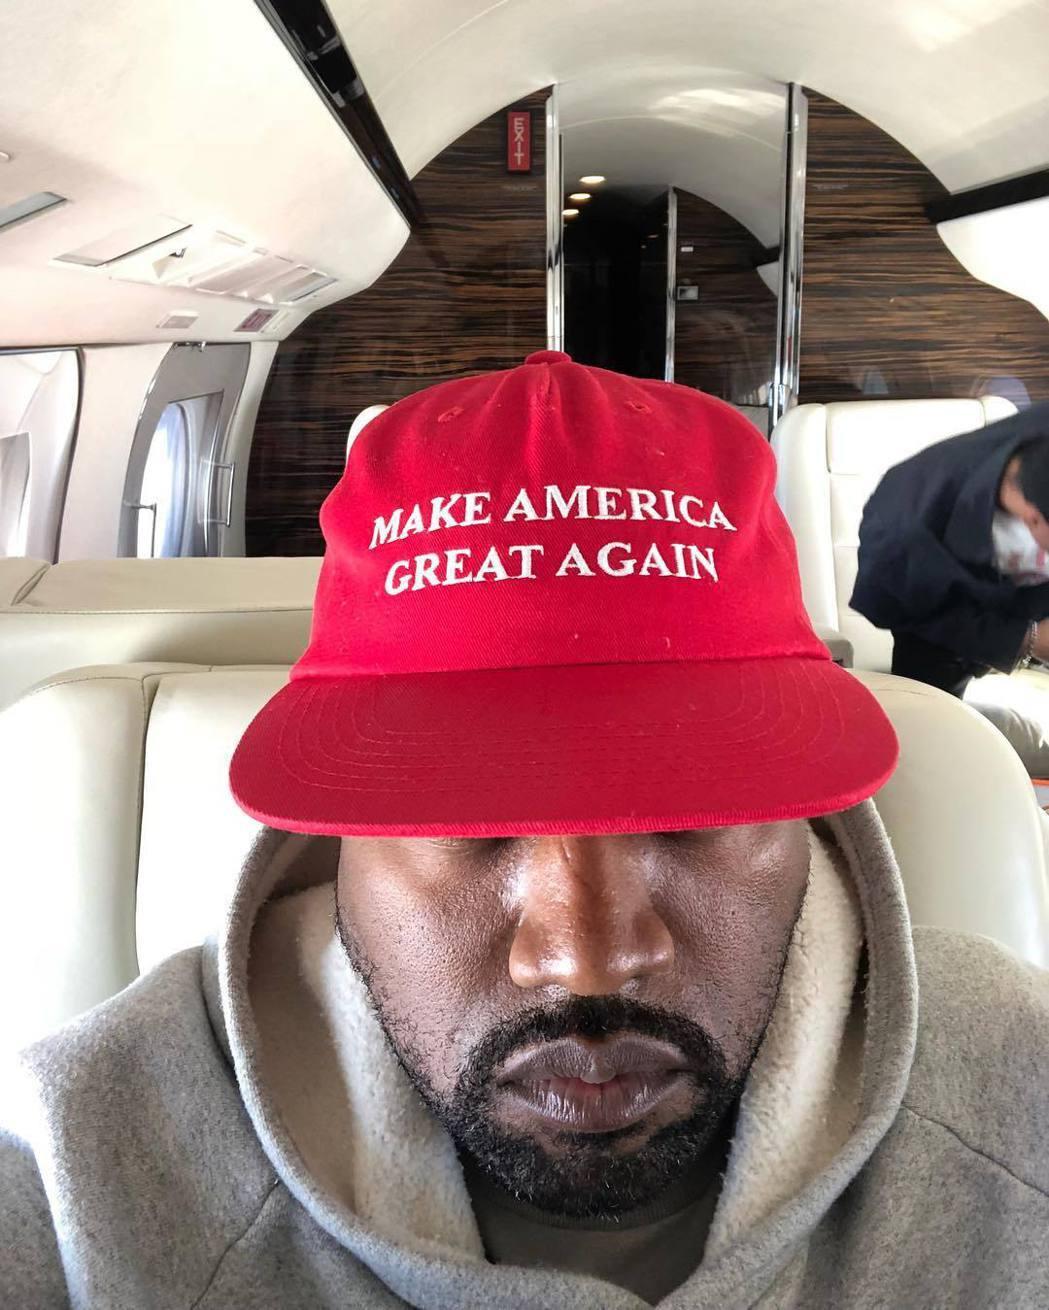 肯伊威斯特對於參選美國總統,一直態度積極。圖/摘自Instagram